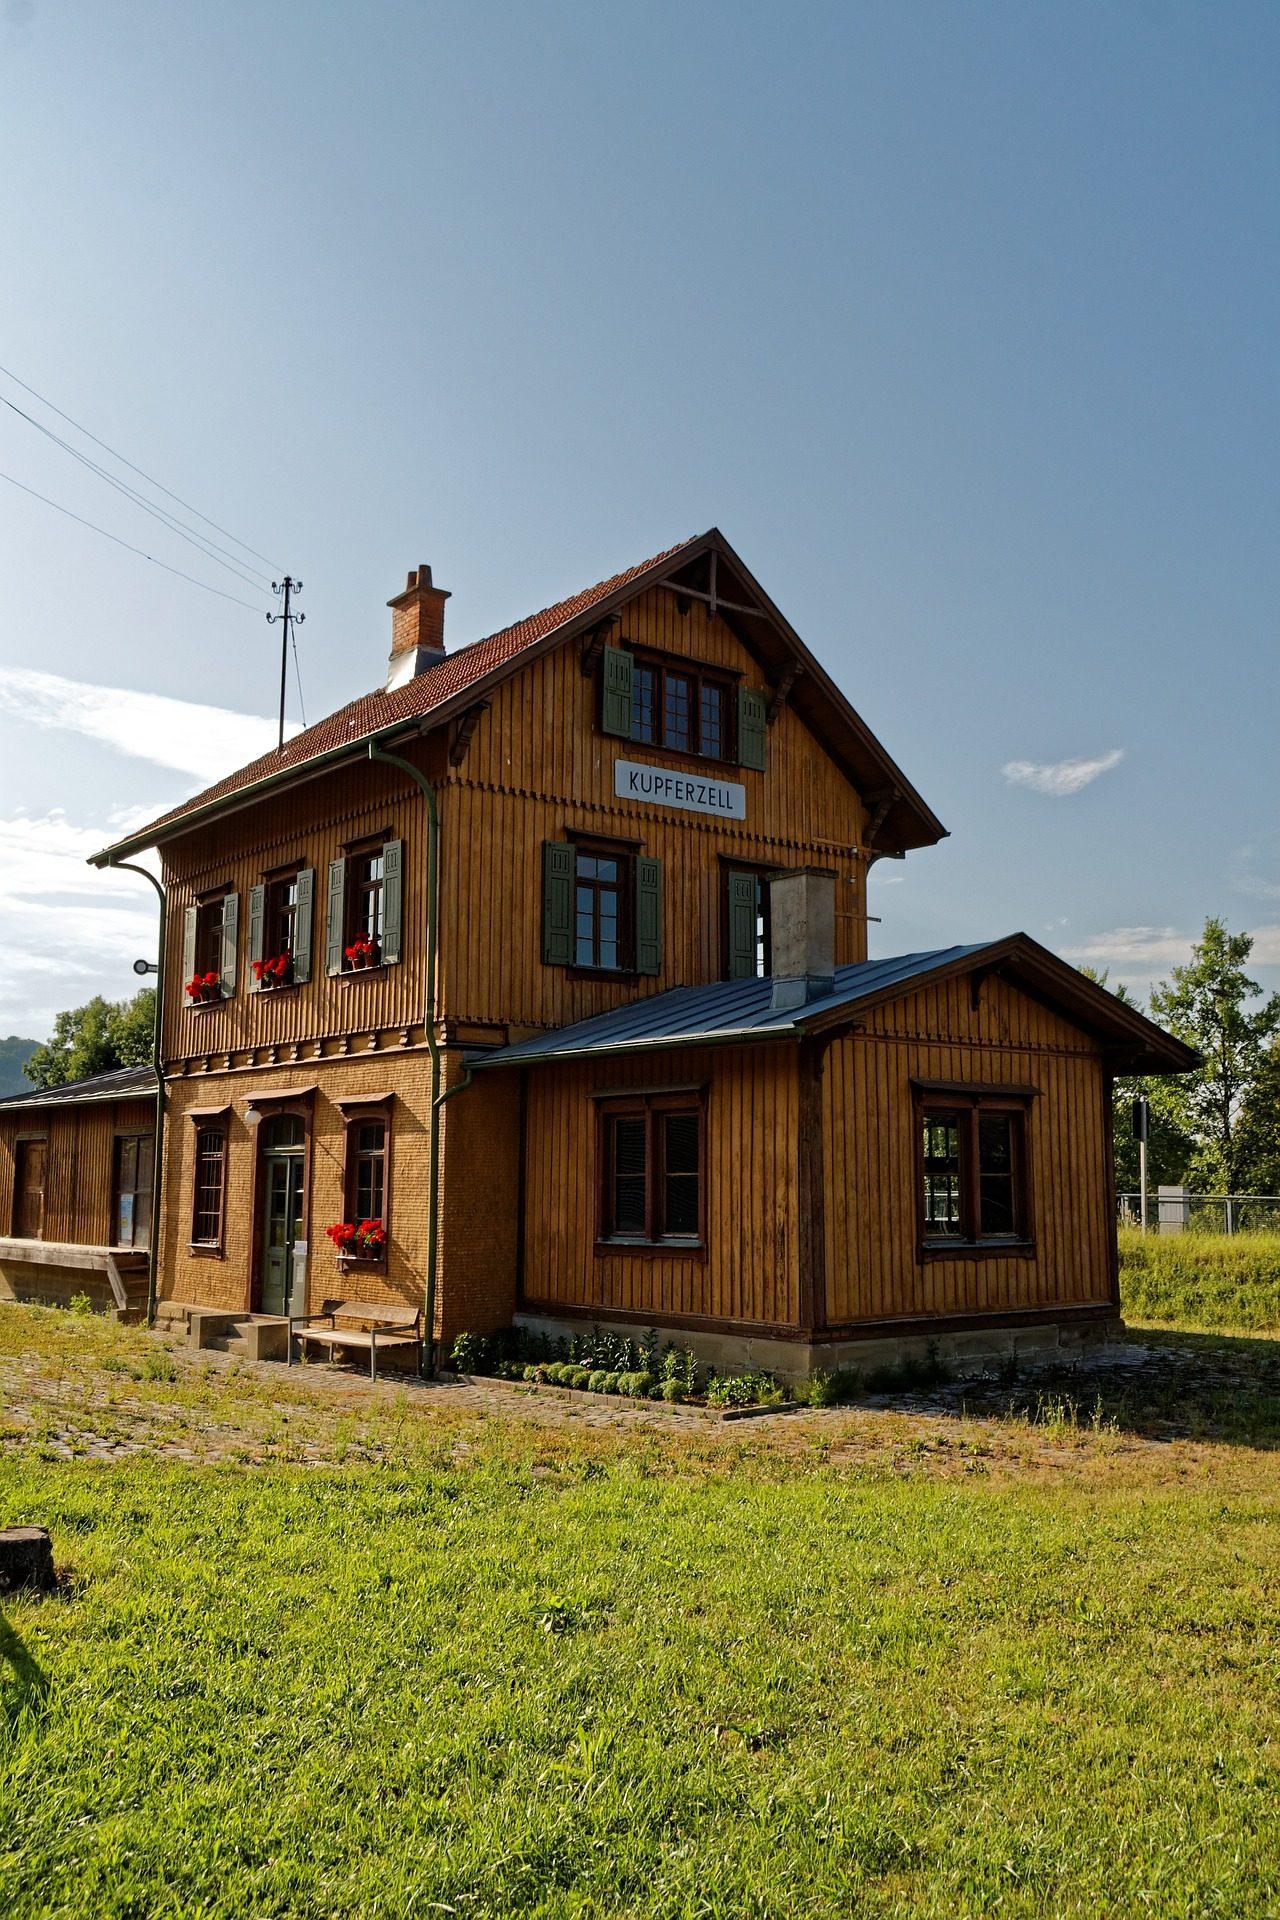 Bahnhof, Zug, Eisenbahn, Haus, Holz, Cabaña - Wallpaper HD - Prof.-falken.com